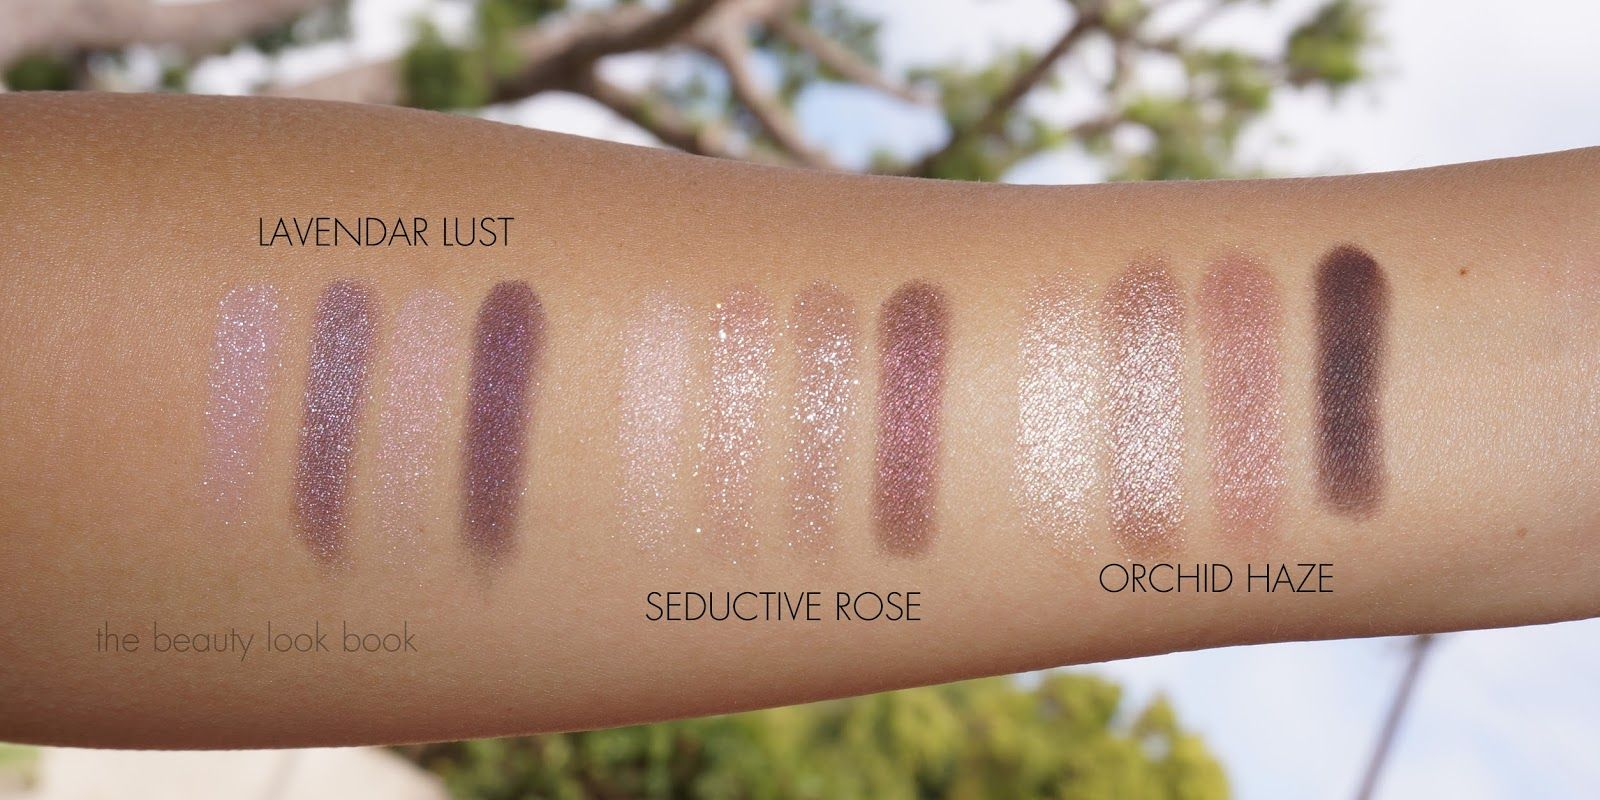 Tom Ford Eyeshadow Quads Lavender Lust Seductive Rose